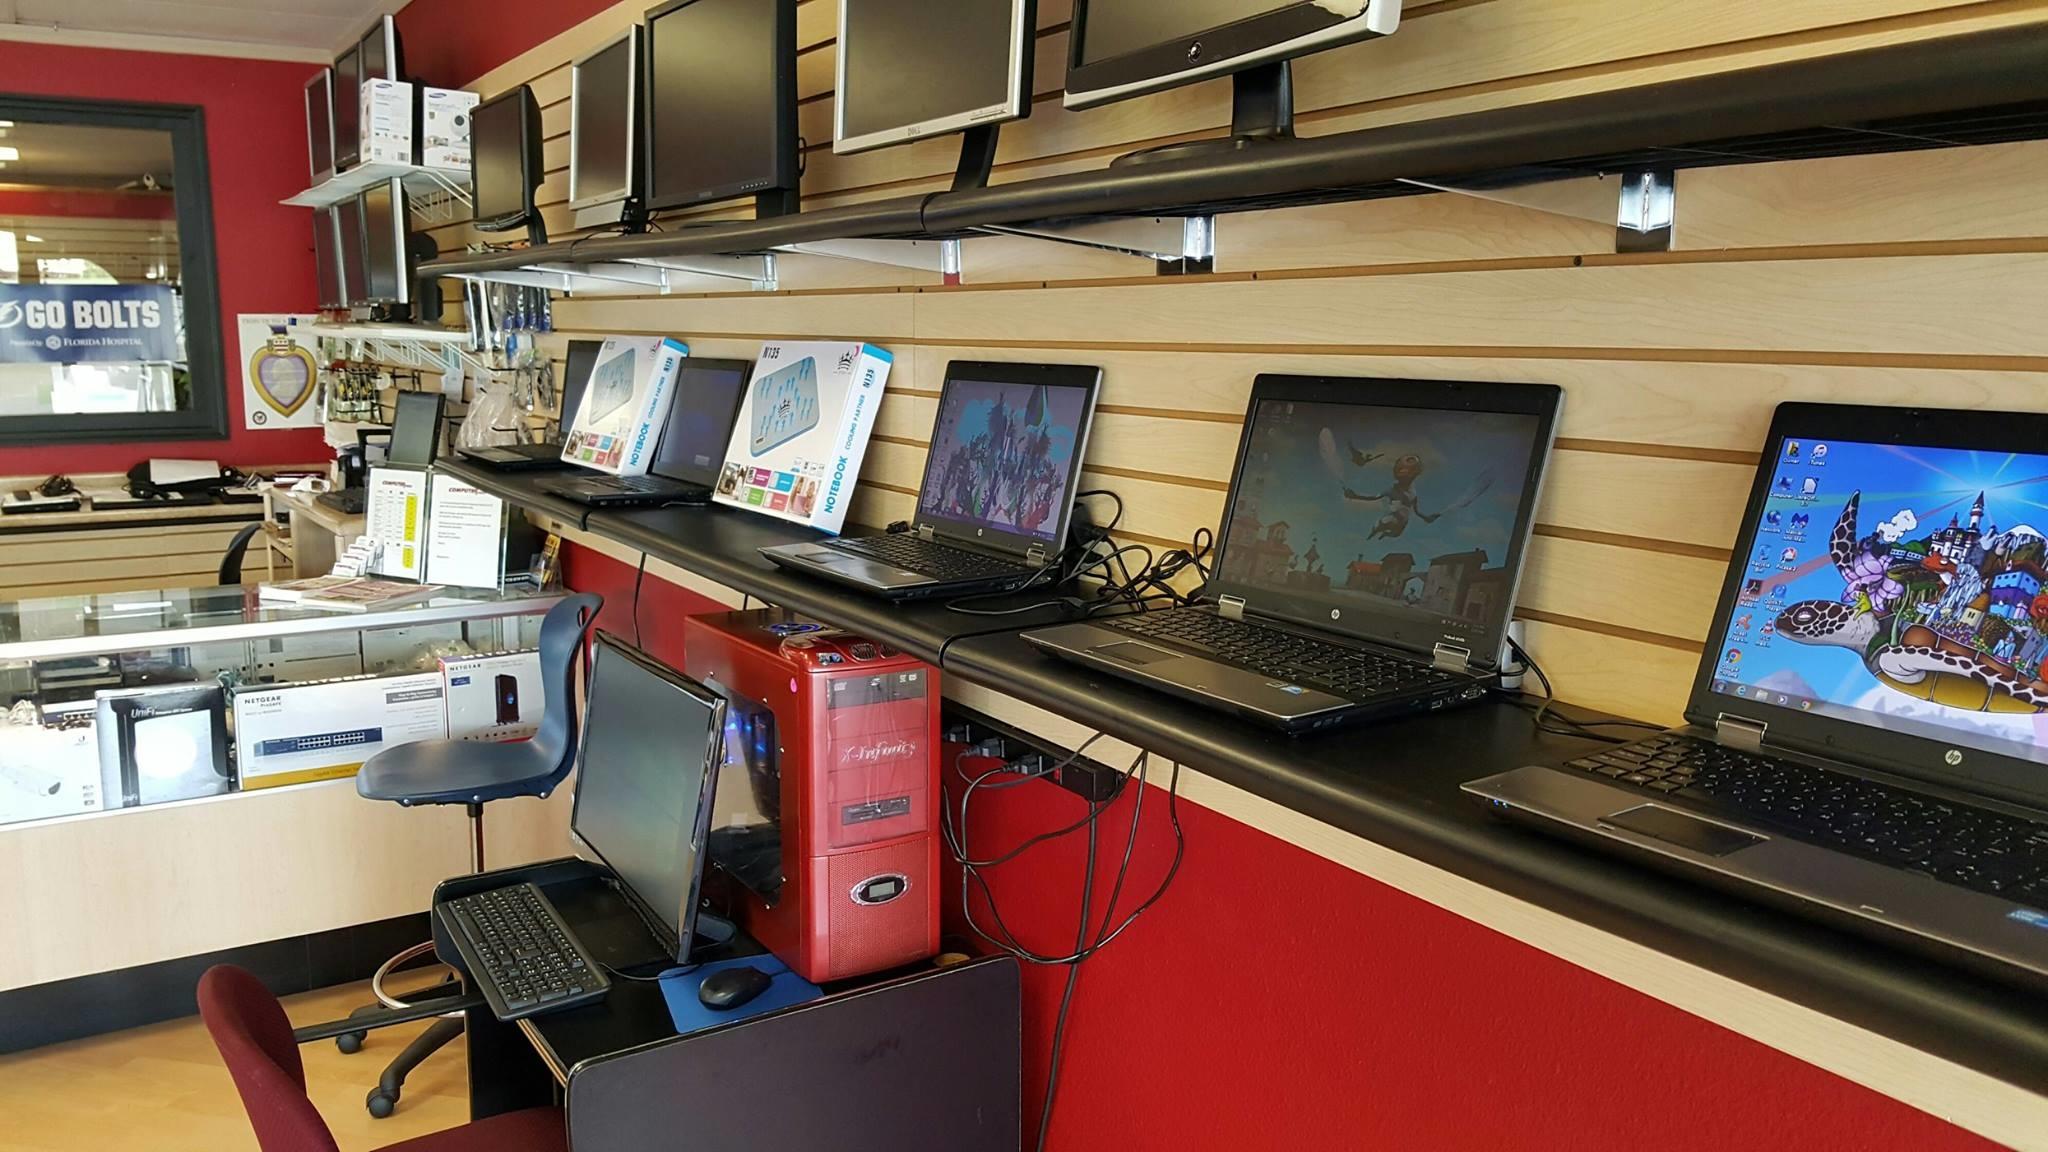 ComputerXpress image 1